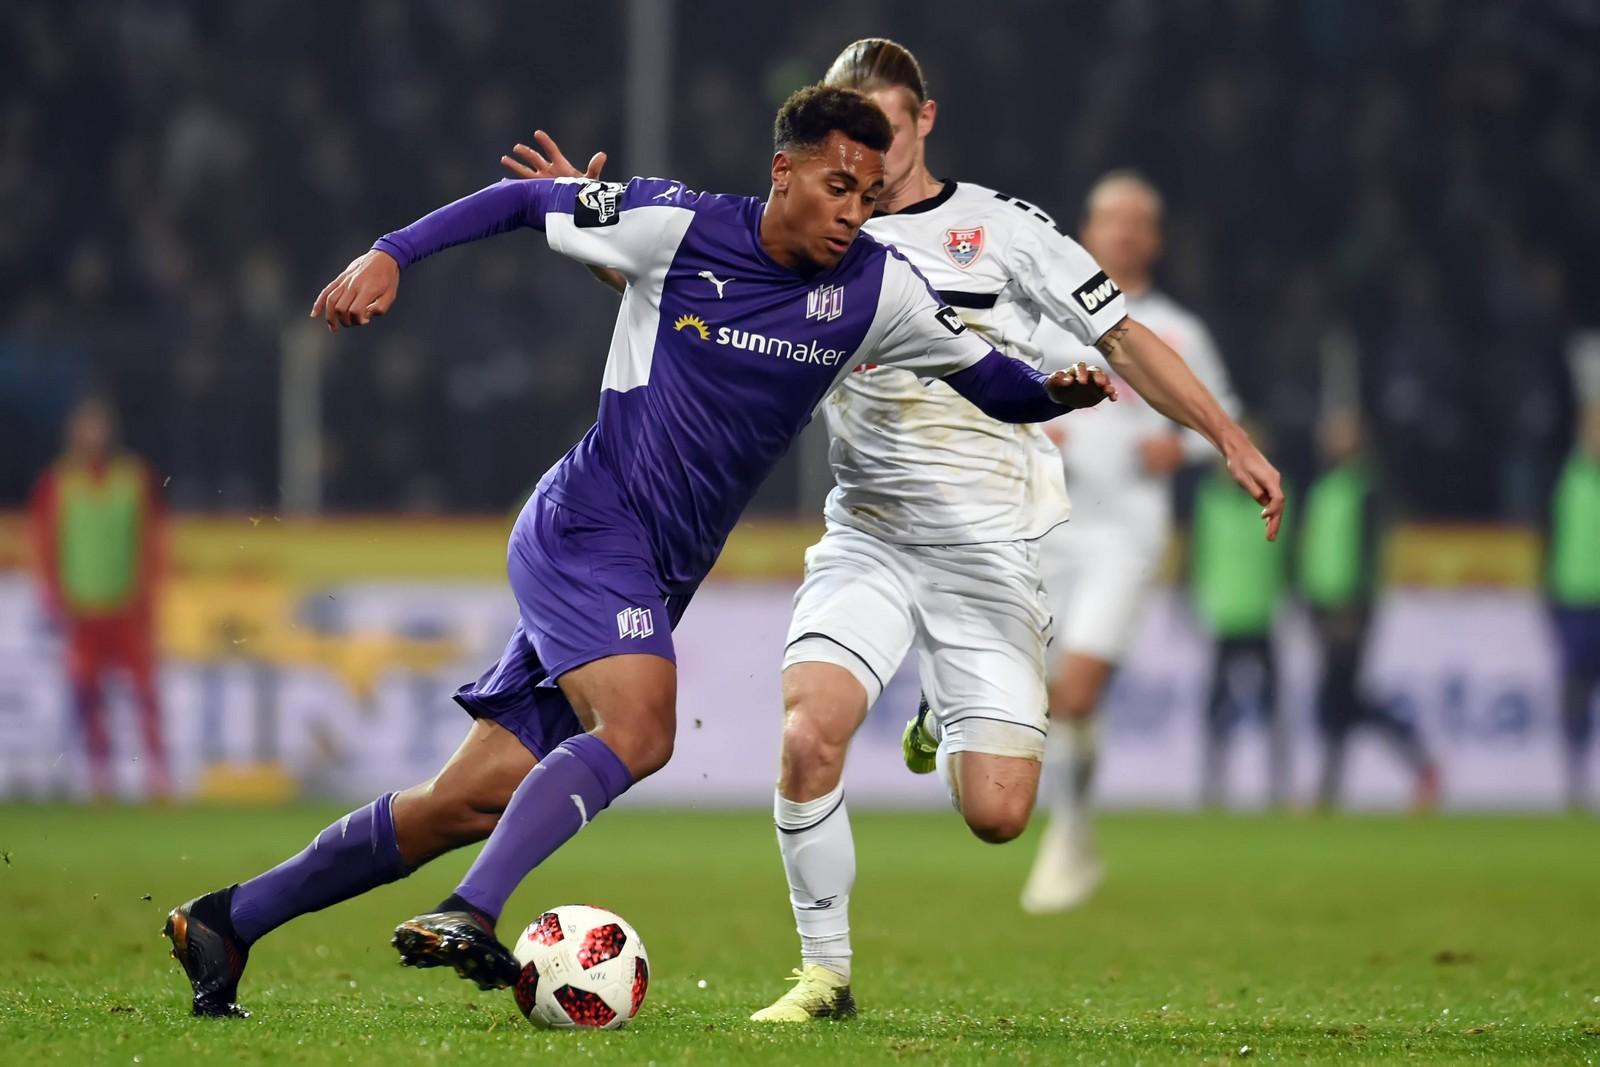 Etiennce Amenyido im Spiel gegen den KFC Uerdingen.